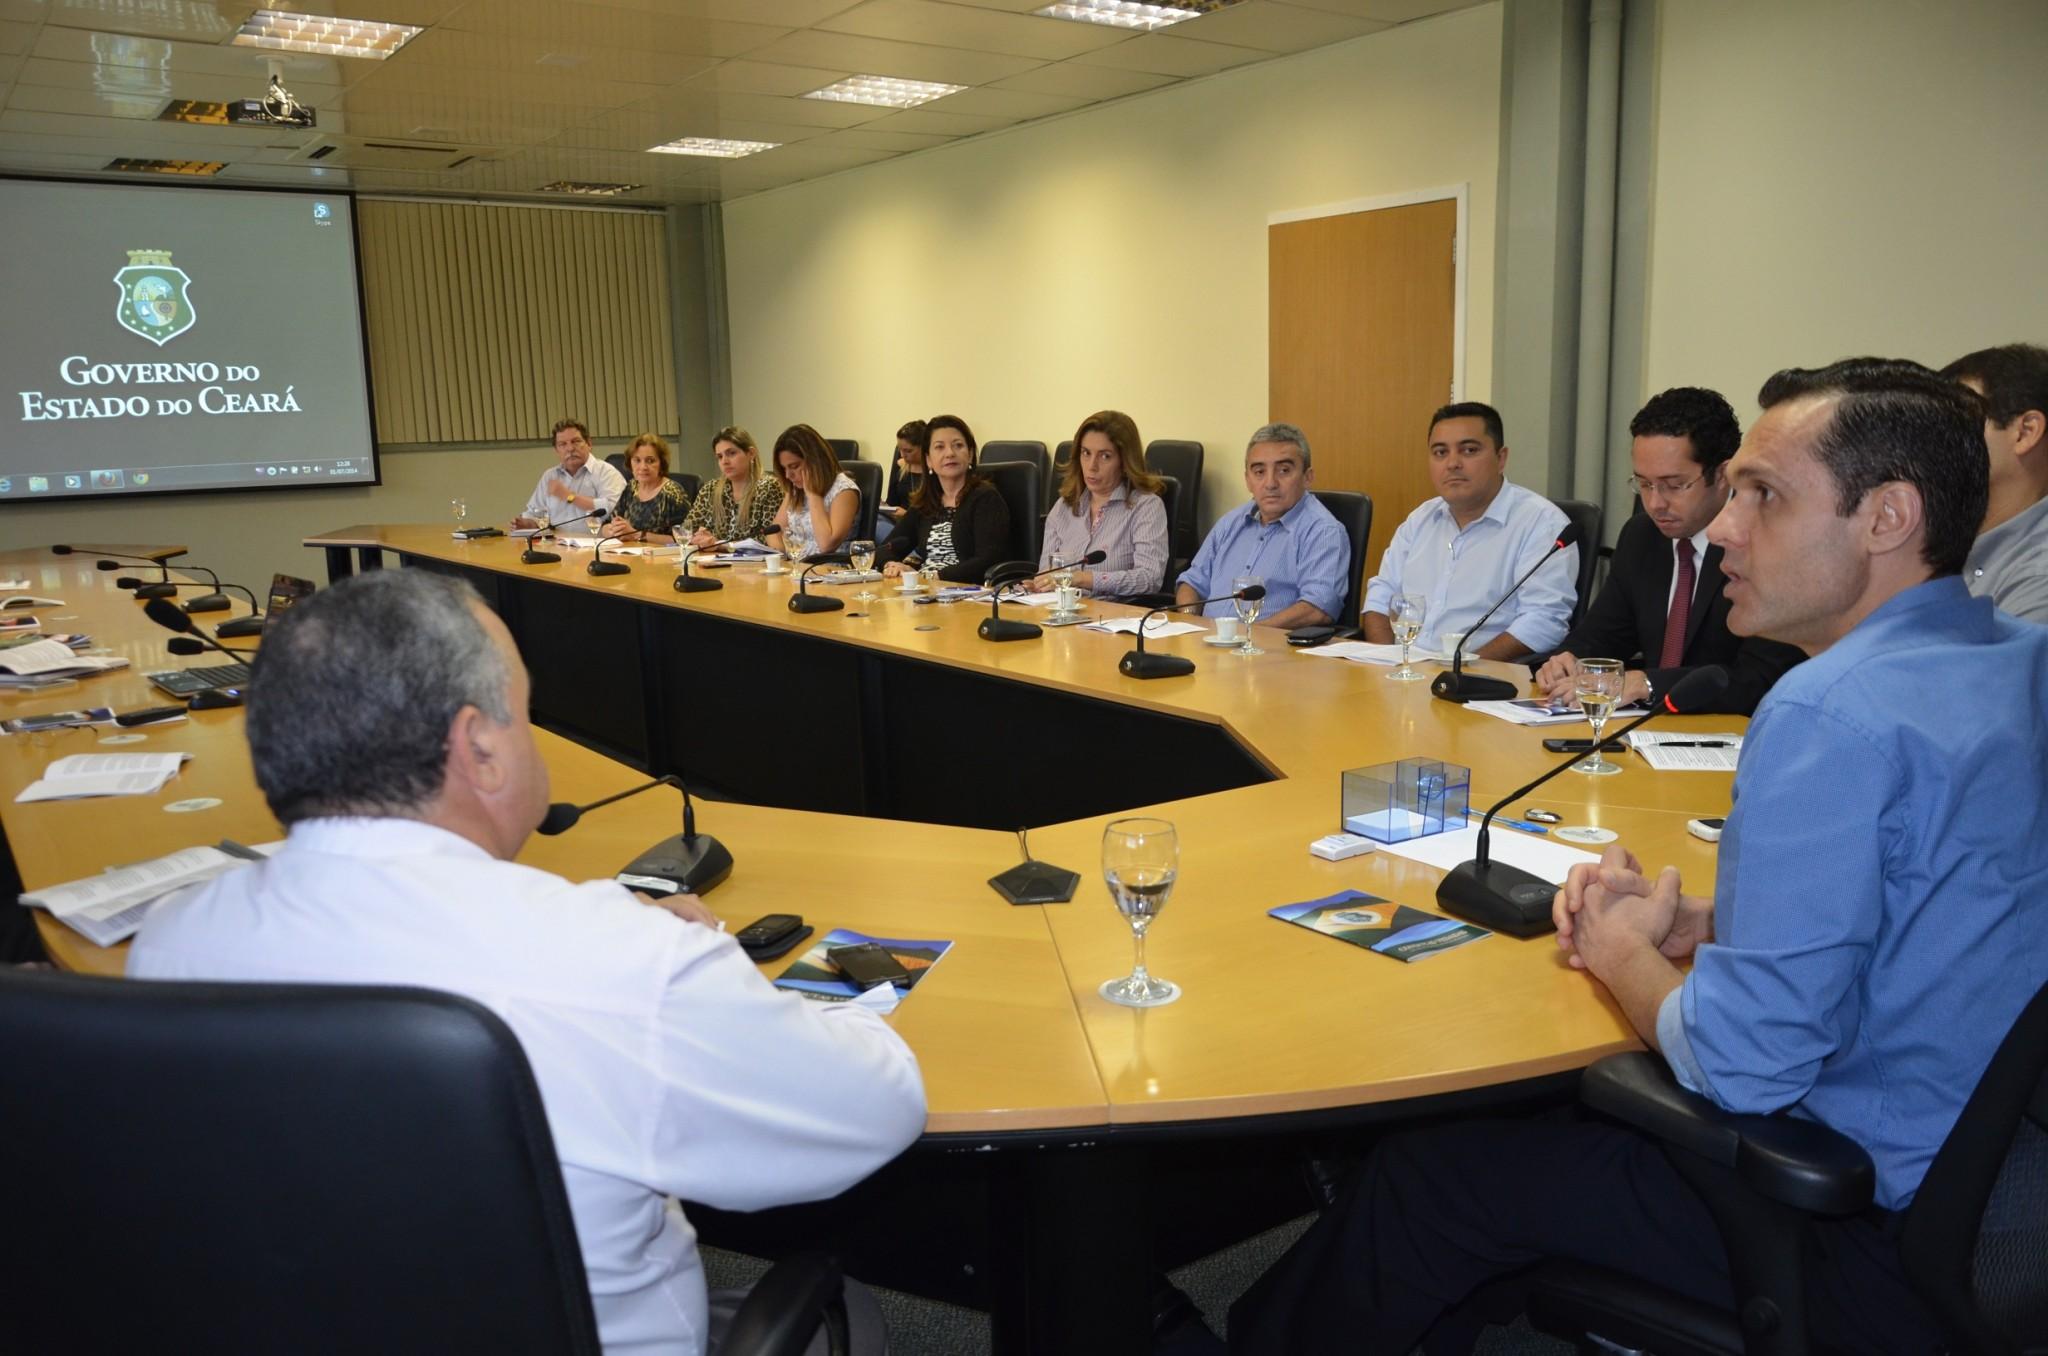 Conduta dos Agentes Públicos em discussão